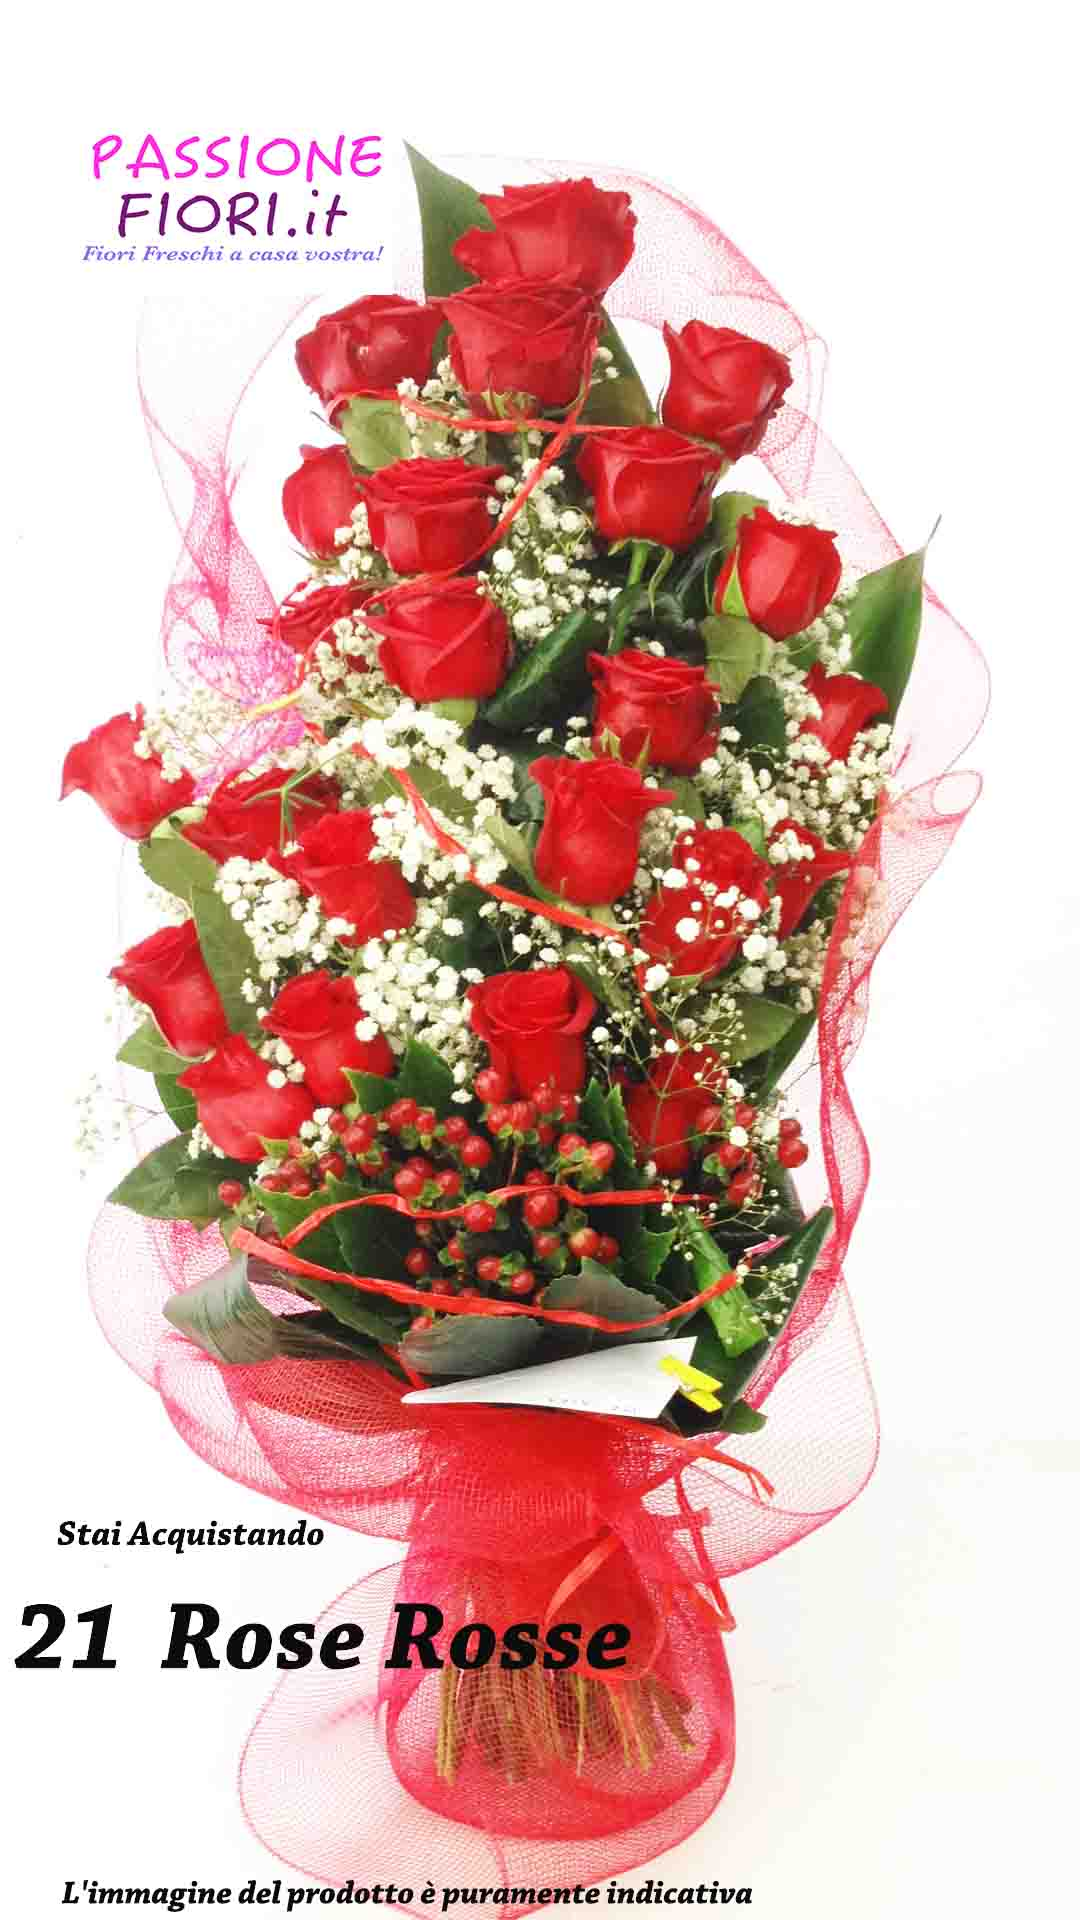 Quanto Costa Un Mazzo Di Fiori Per Una Ragazza.21 Rose Rosse Passionefiori It Fiori Freschi A Casa Tua